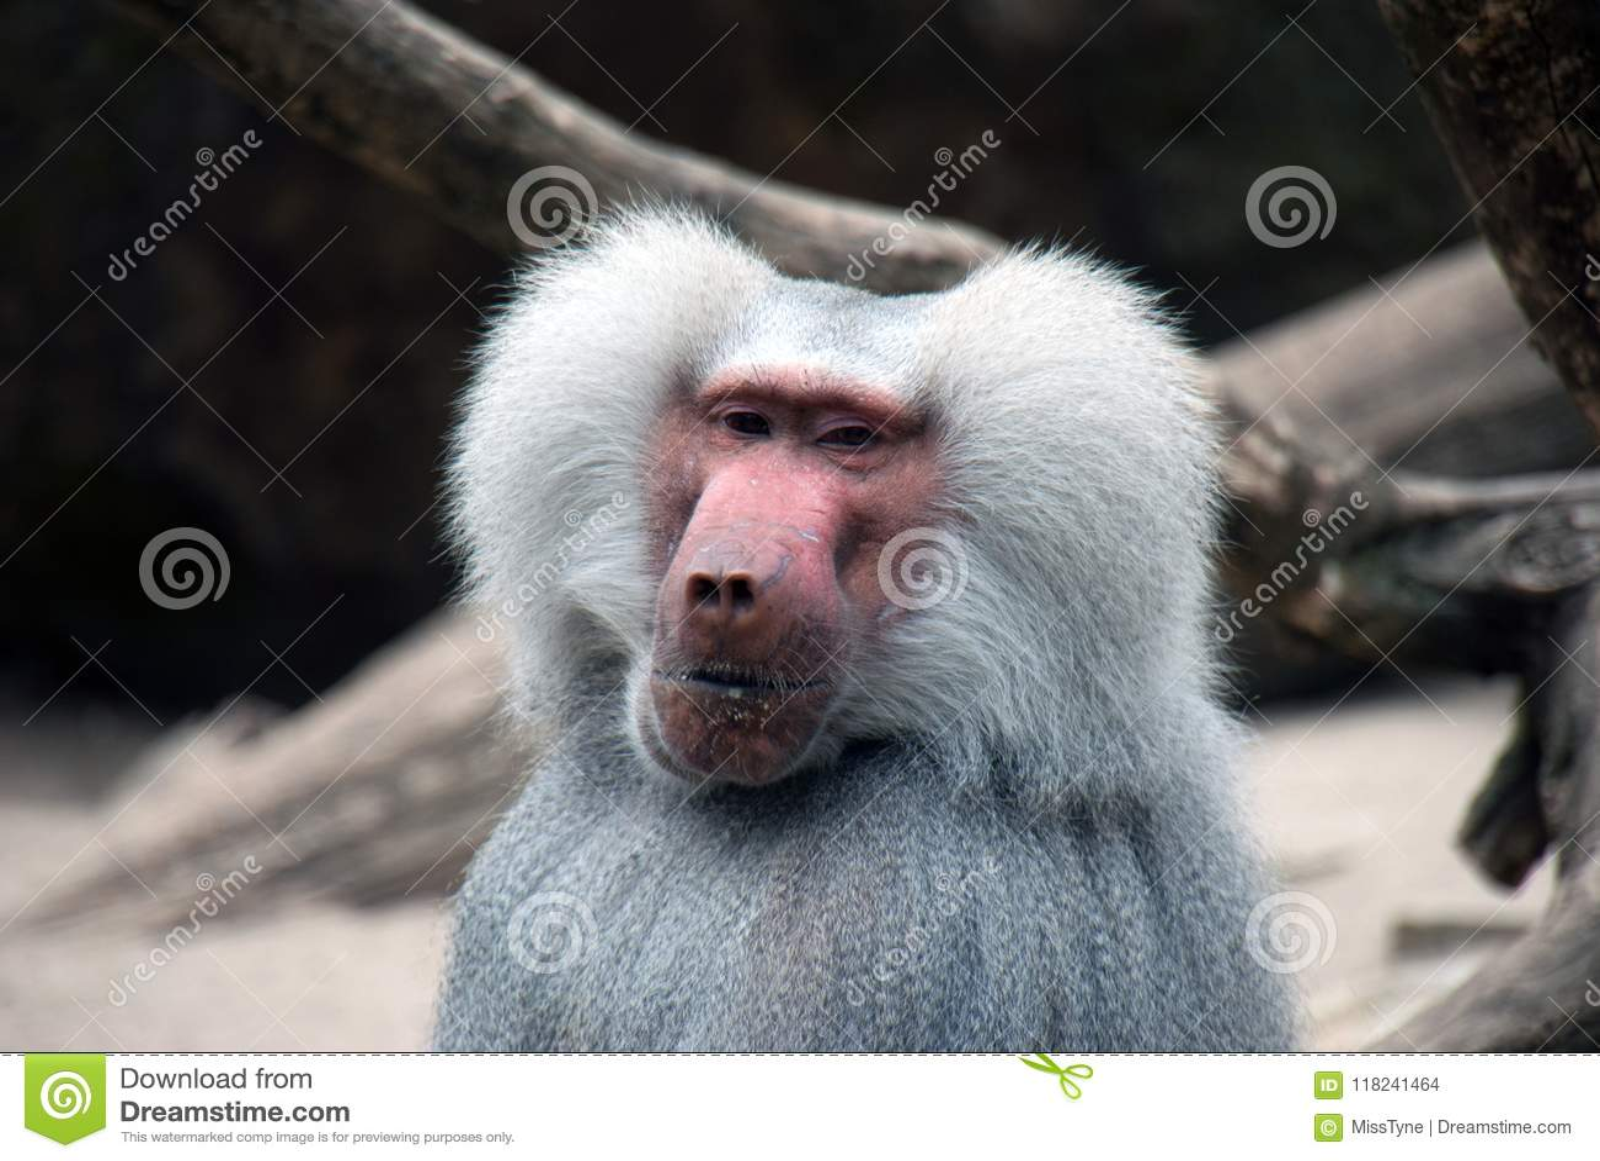 Portrait of a baboon monkey